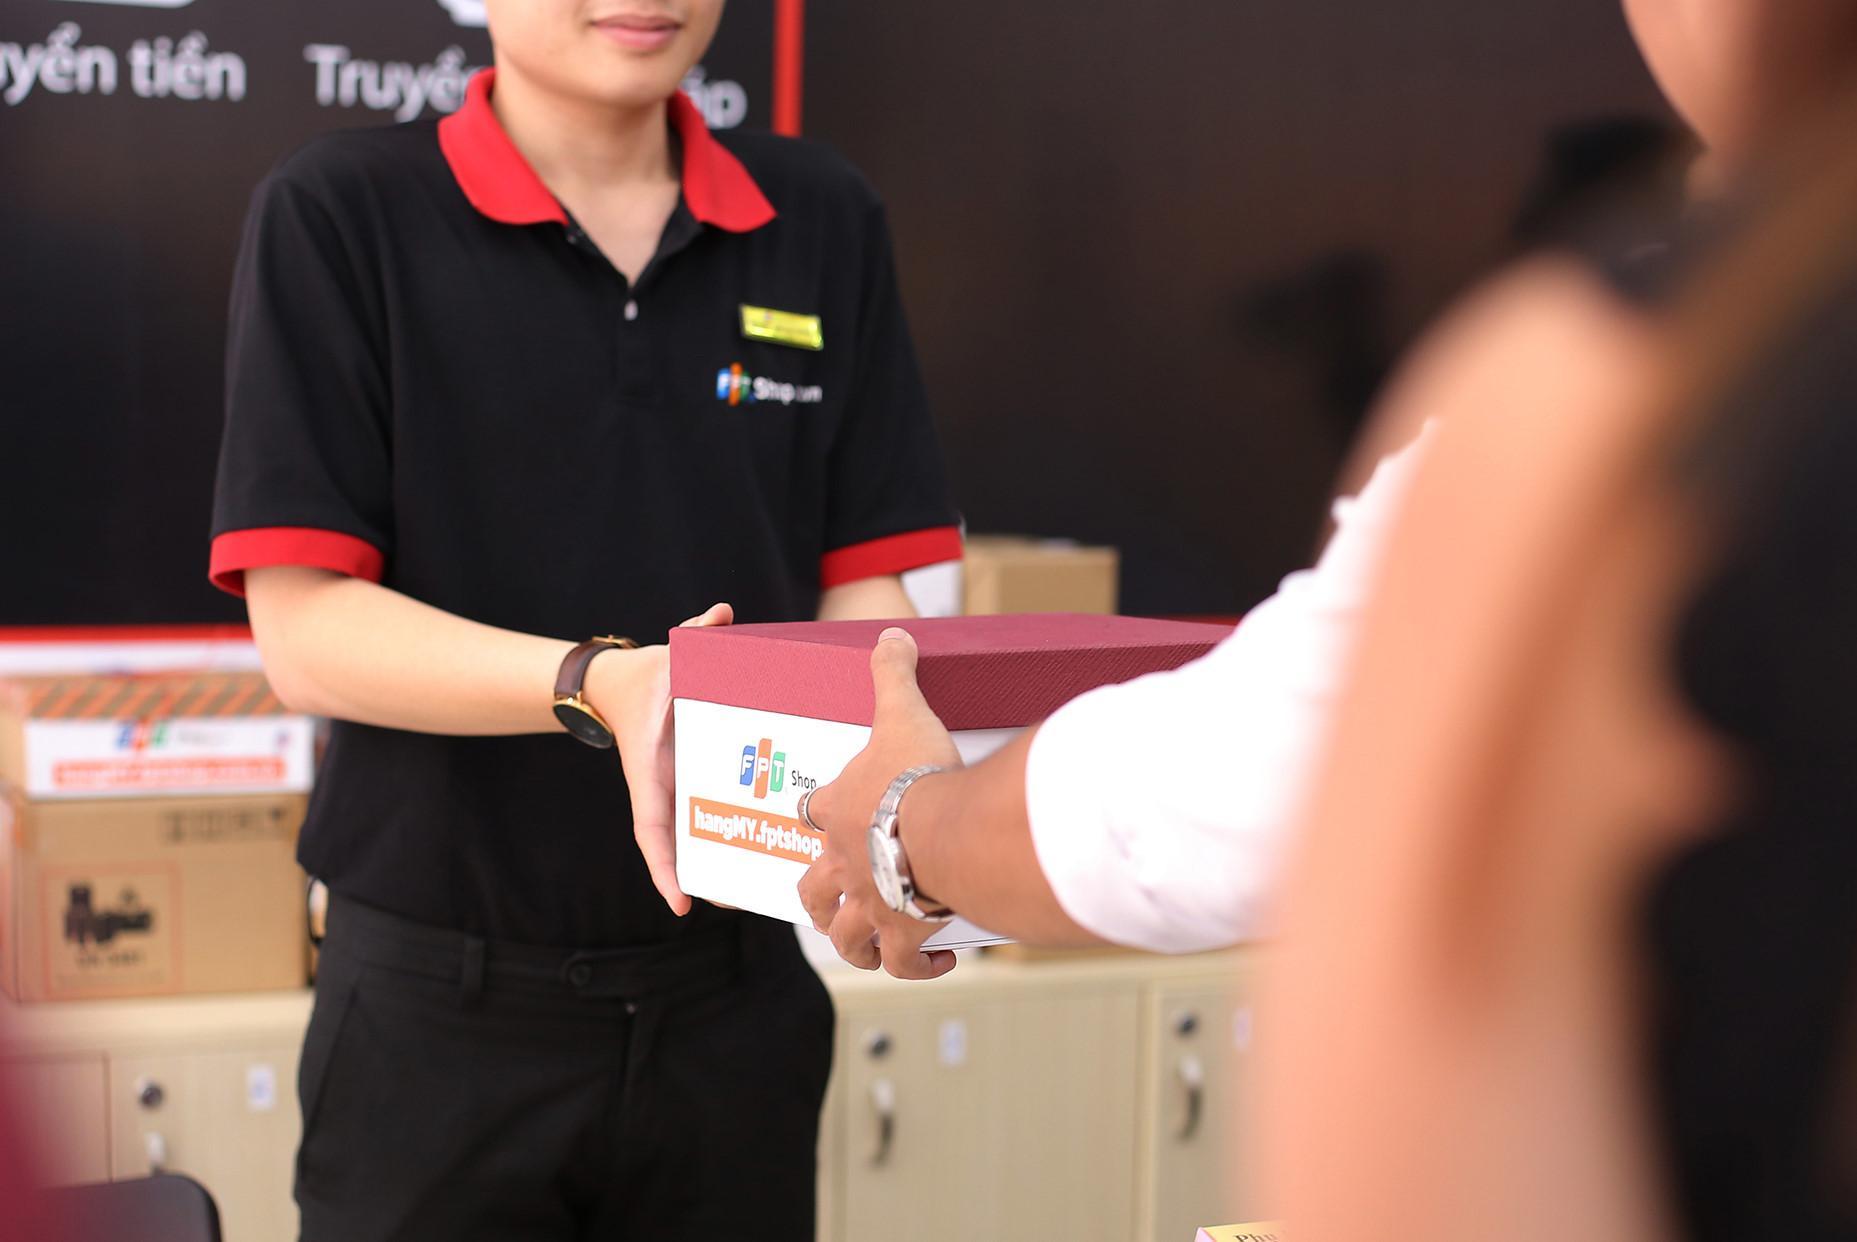 FPT Shop 'lấn sân' mảng bán hàng Mỹ, Nhật Ảnh 1